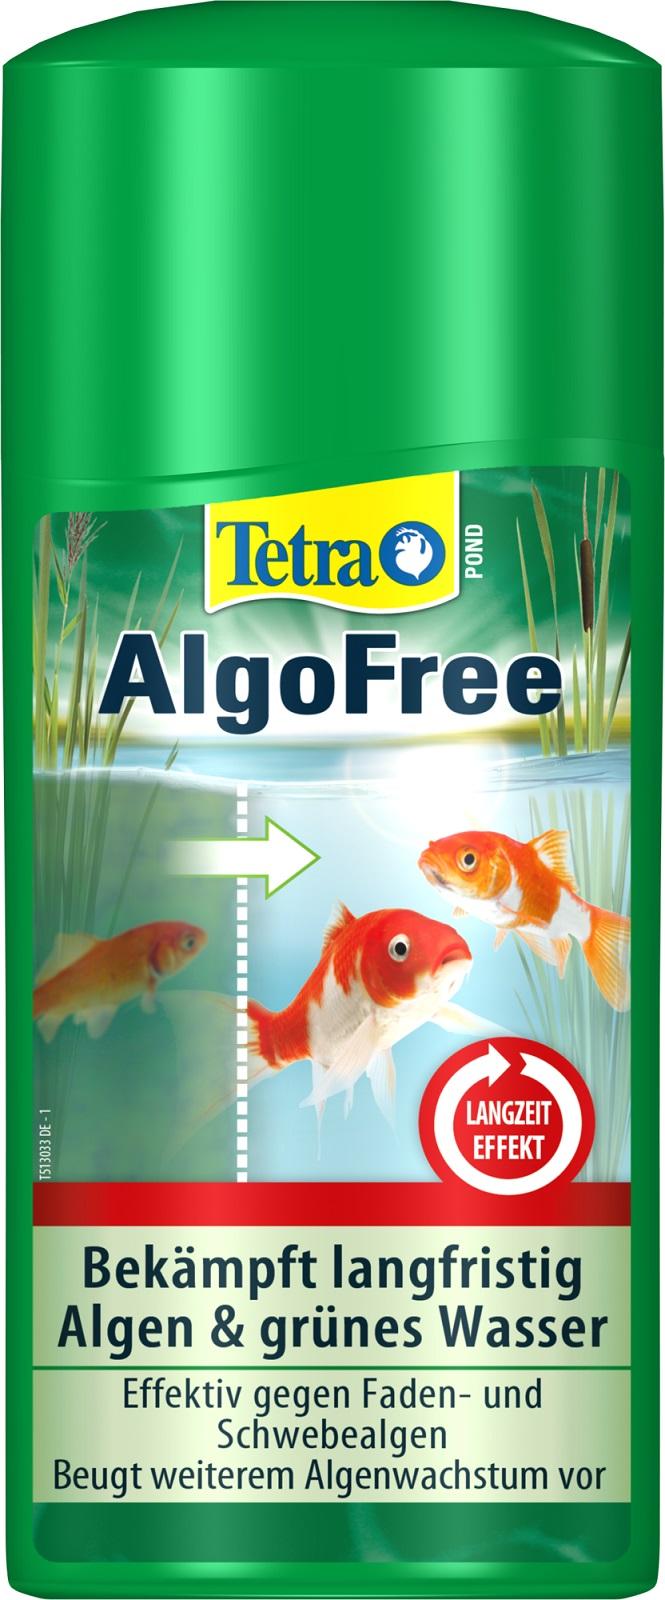 Tetra Pond AlgoFree Algenmittel gegen Schwebealgen und grünes Wasser  500 ml